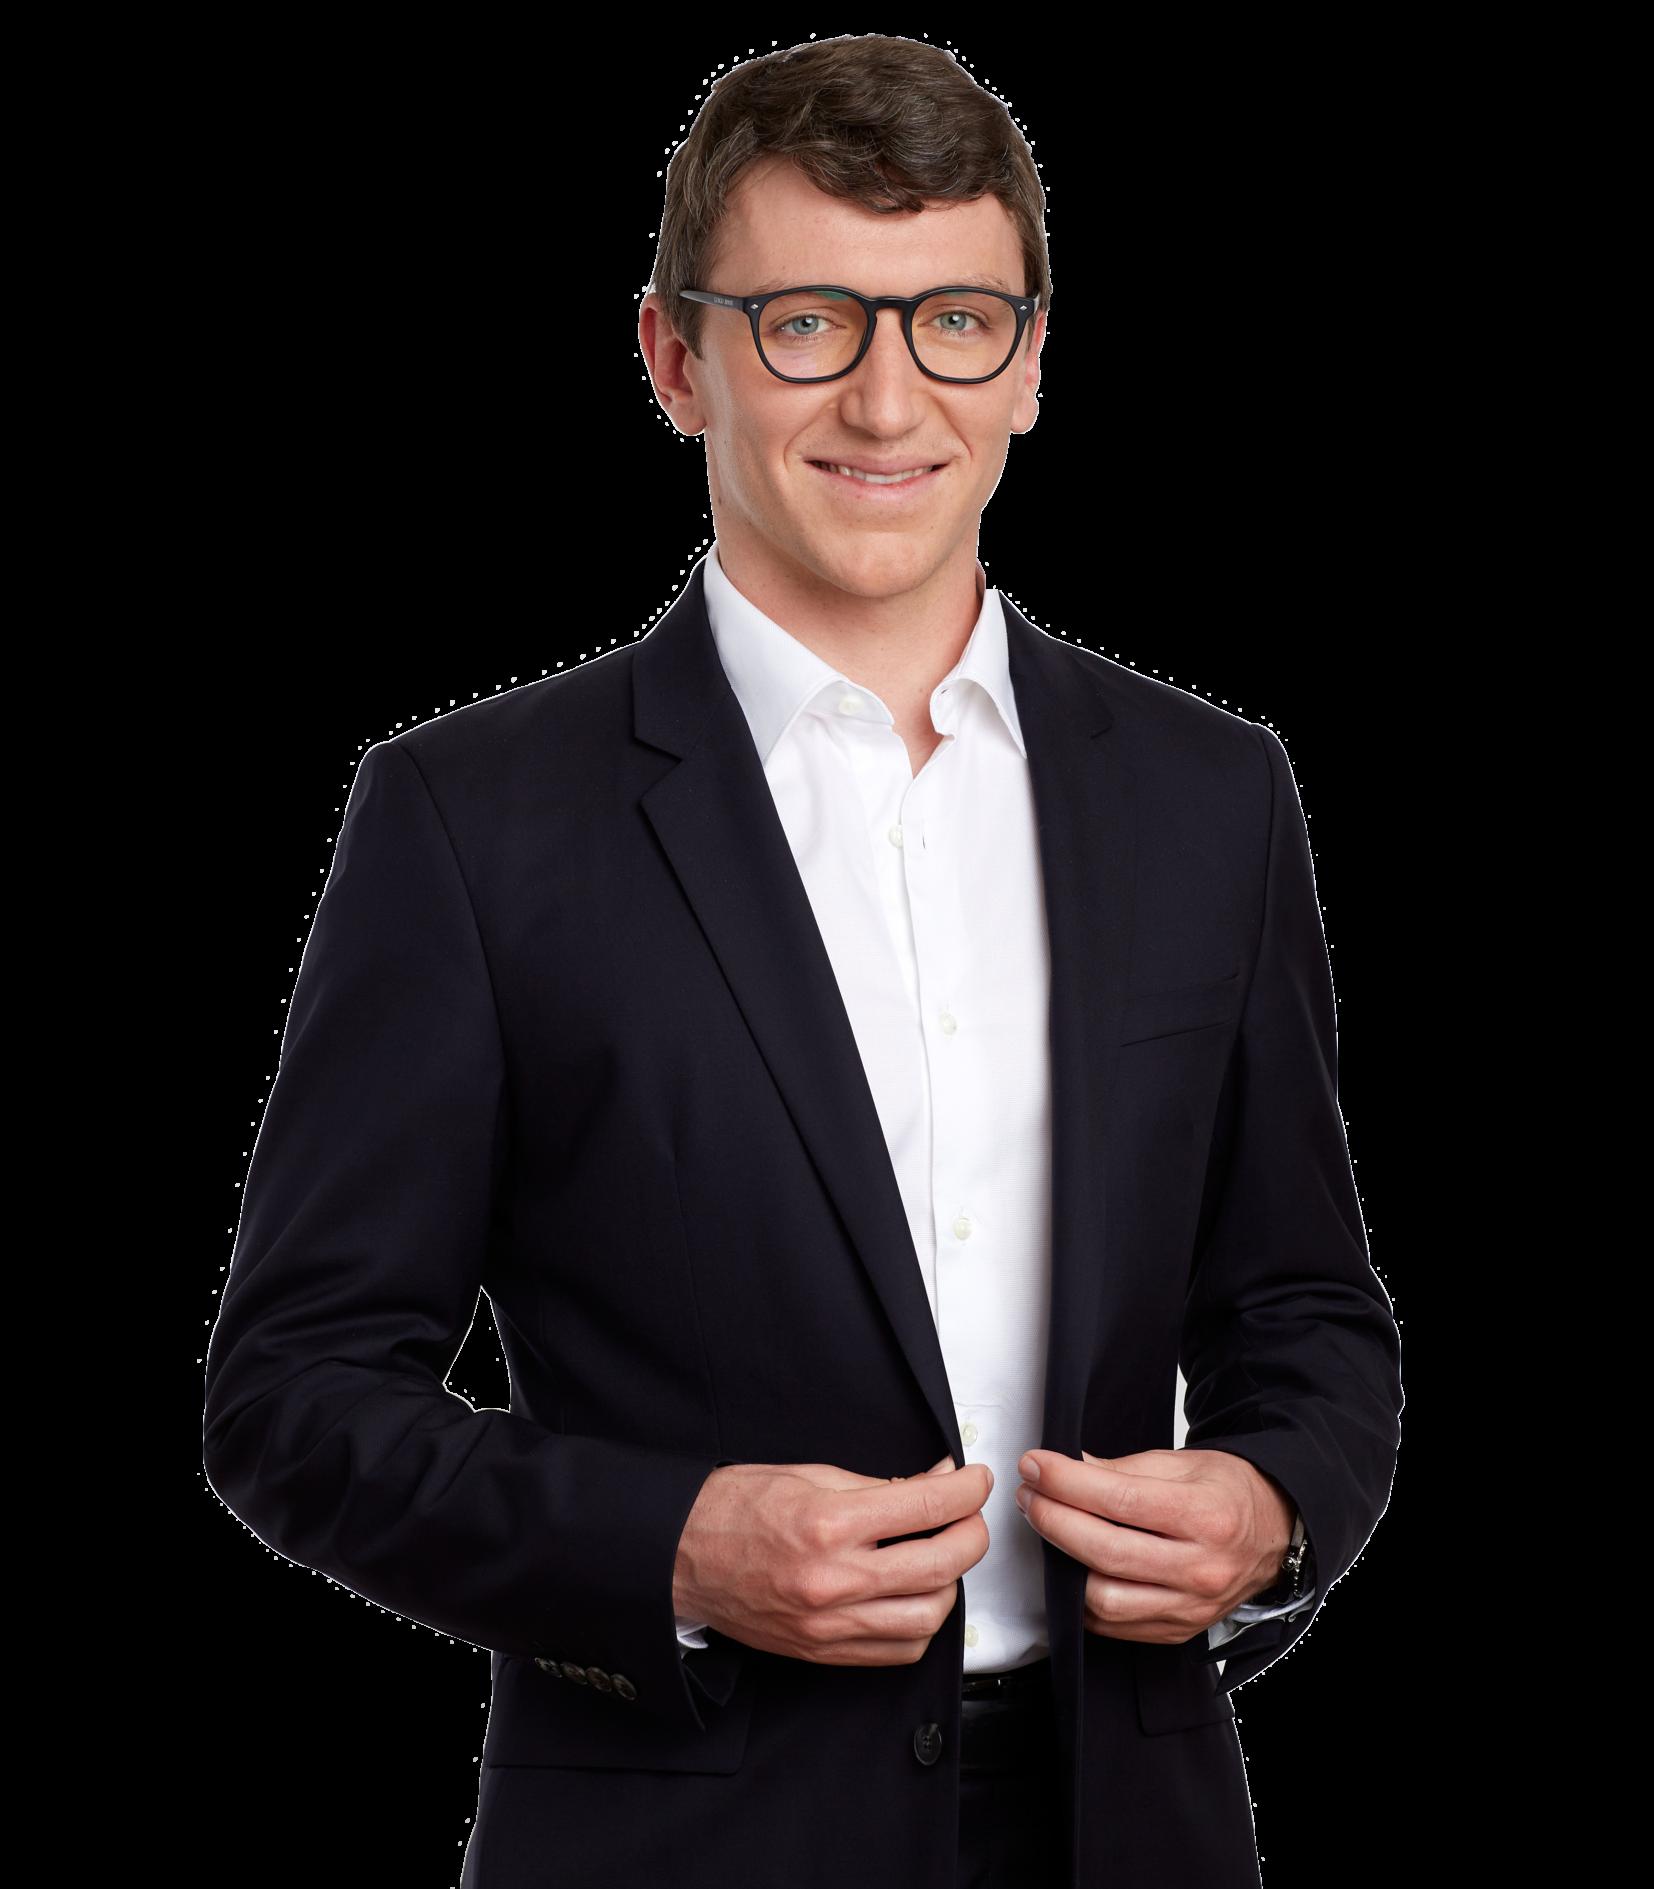 Florian Gerard-Mercier